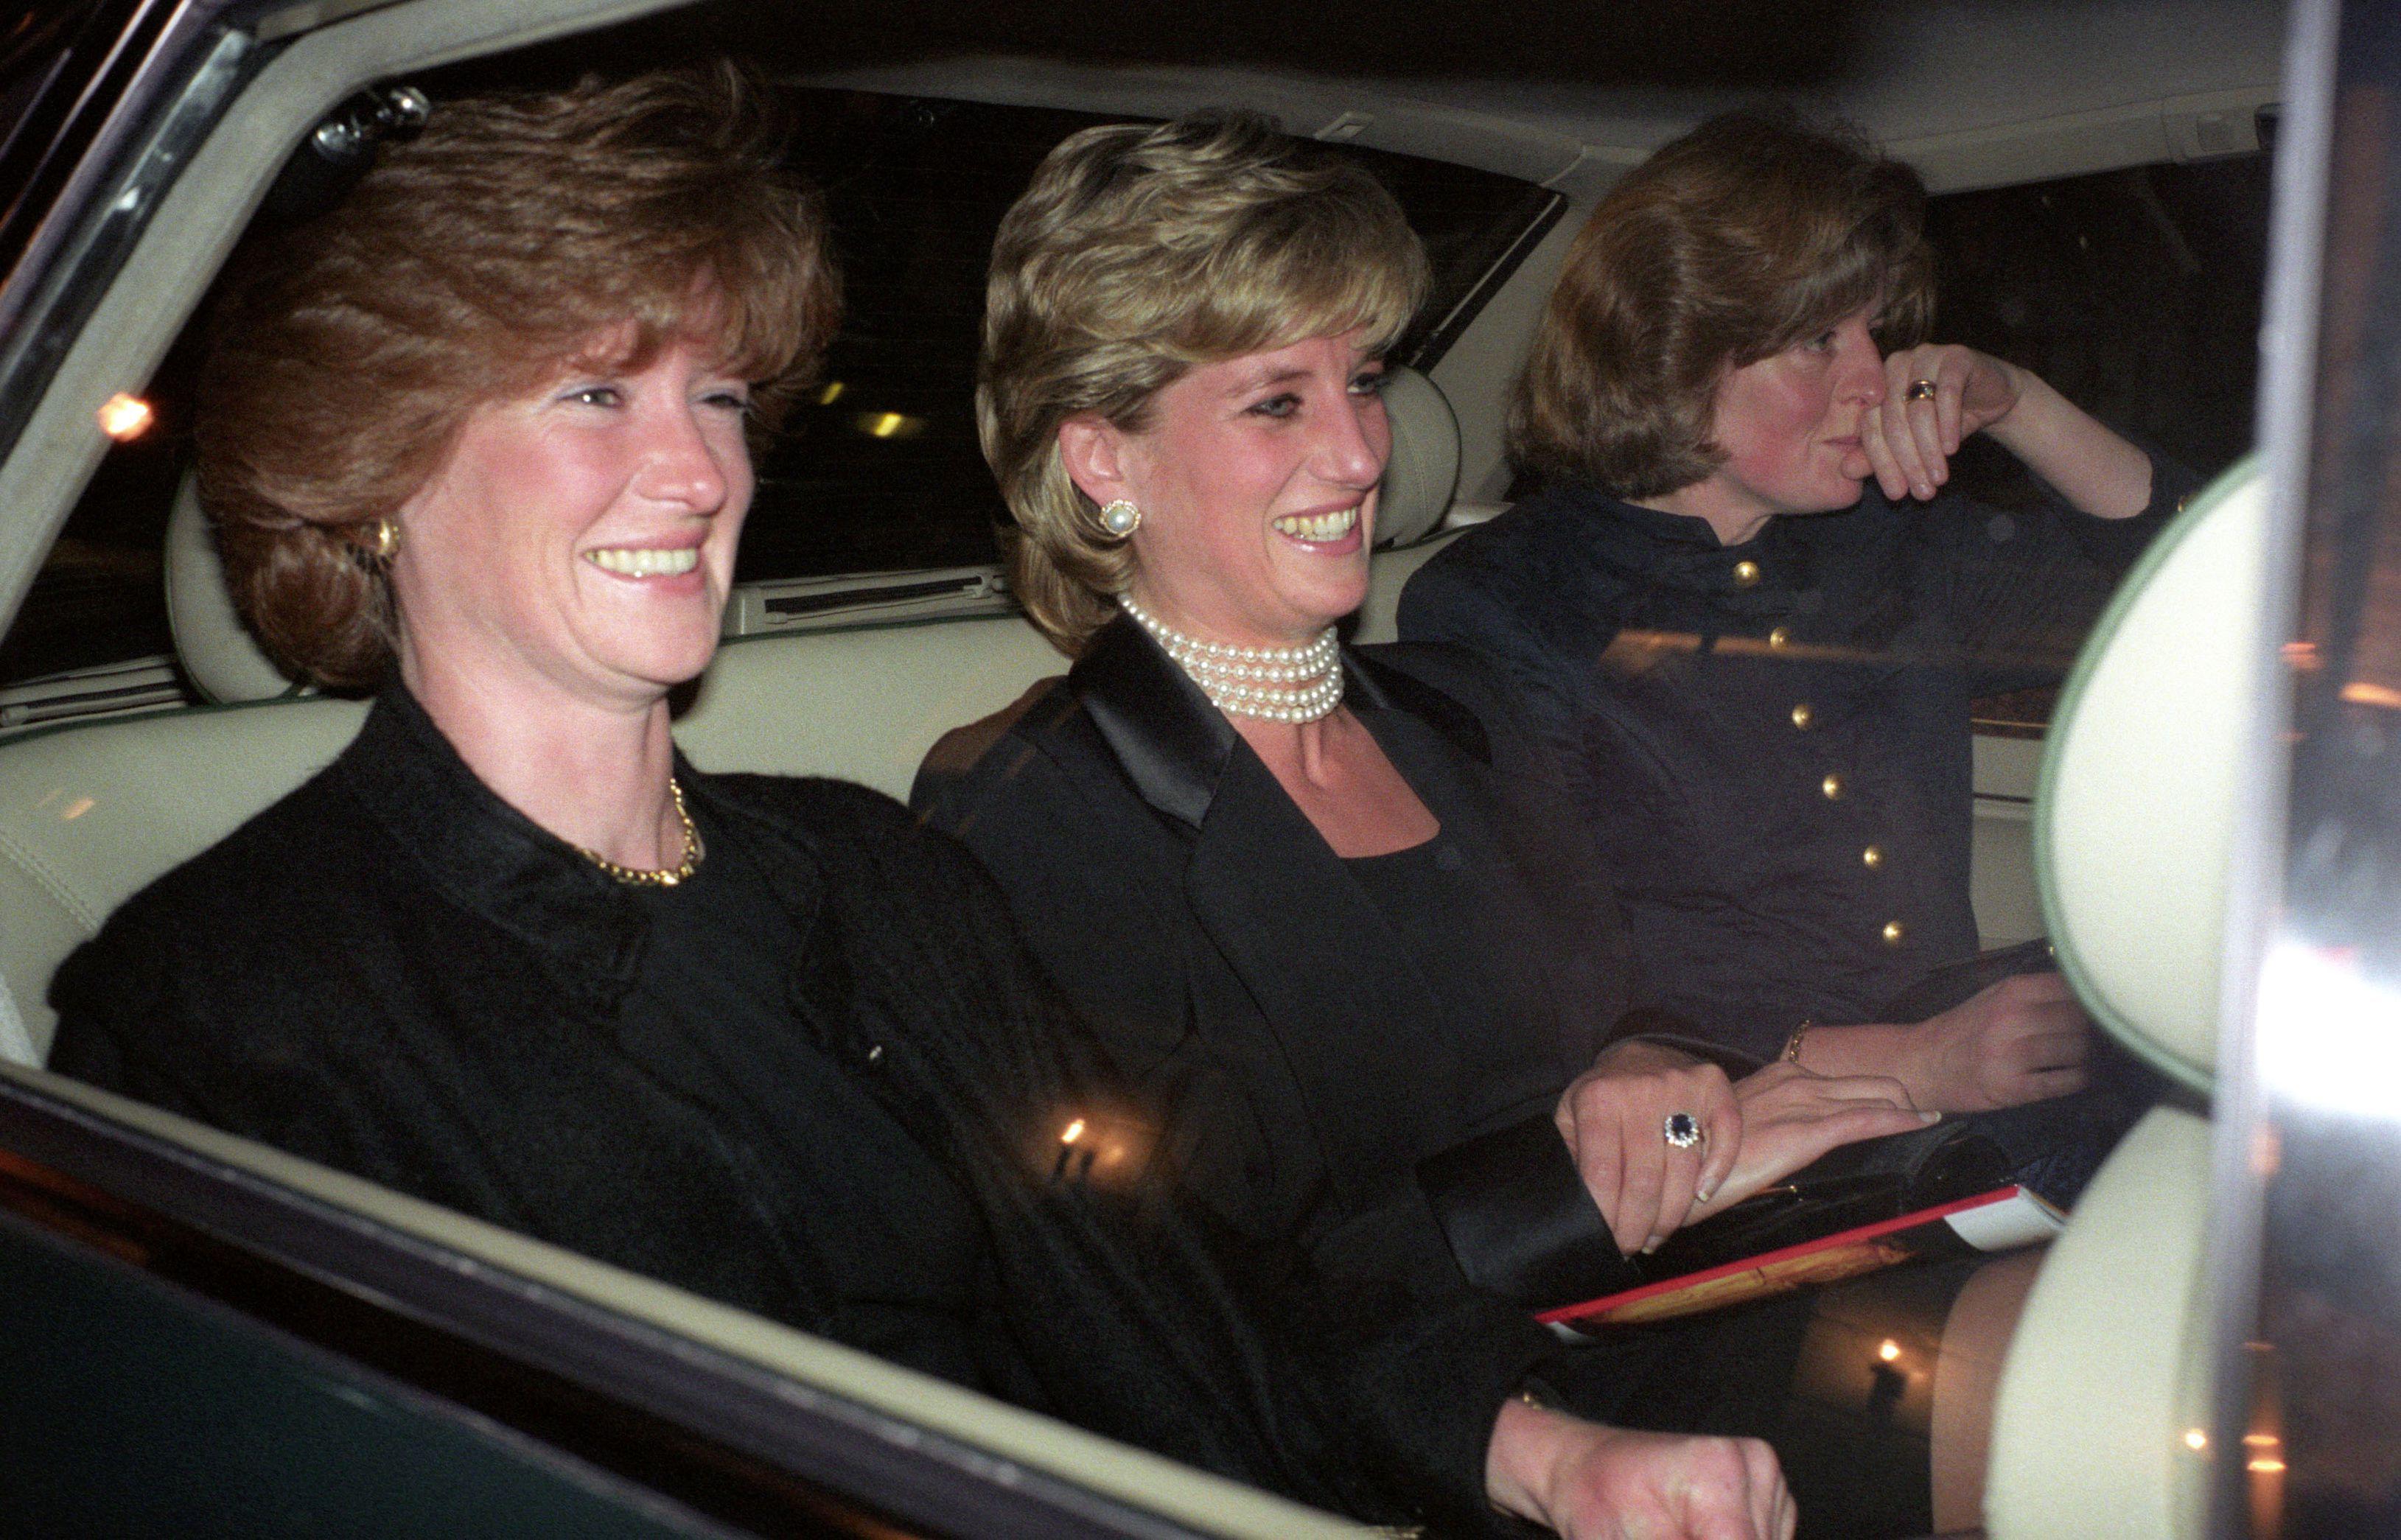 Princess Dianas Sisters Who Are Lady Sarah McCorquodale